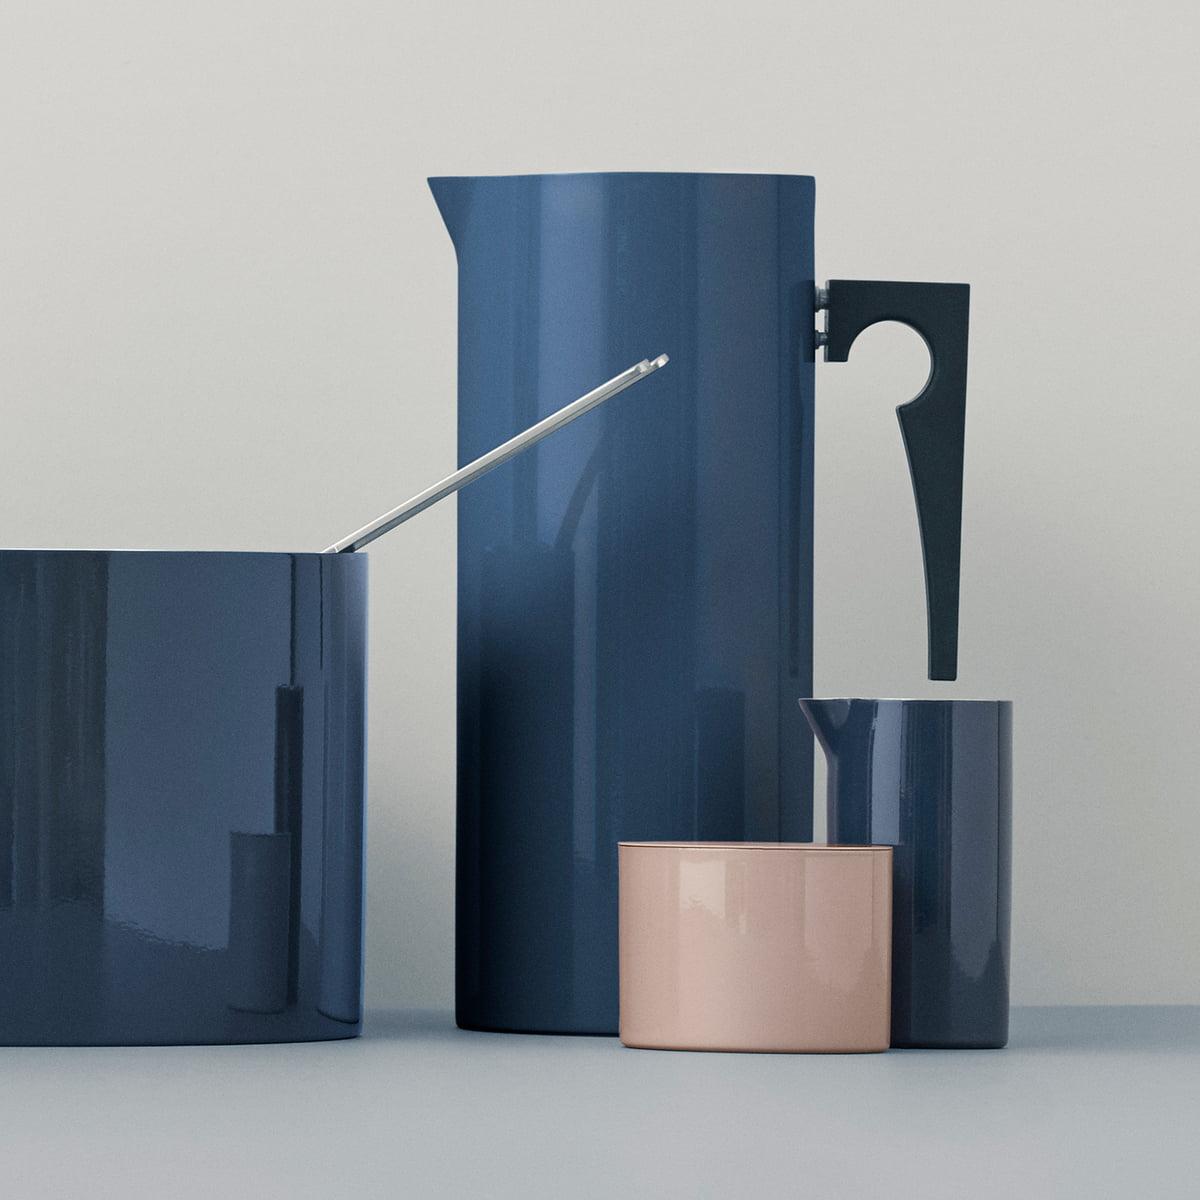 stelton cylinda line cream jug by arne jacobsen. Black Bedroom Furniture Sets. Home Design Ideas